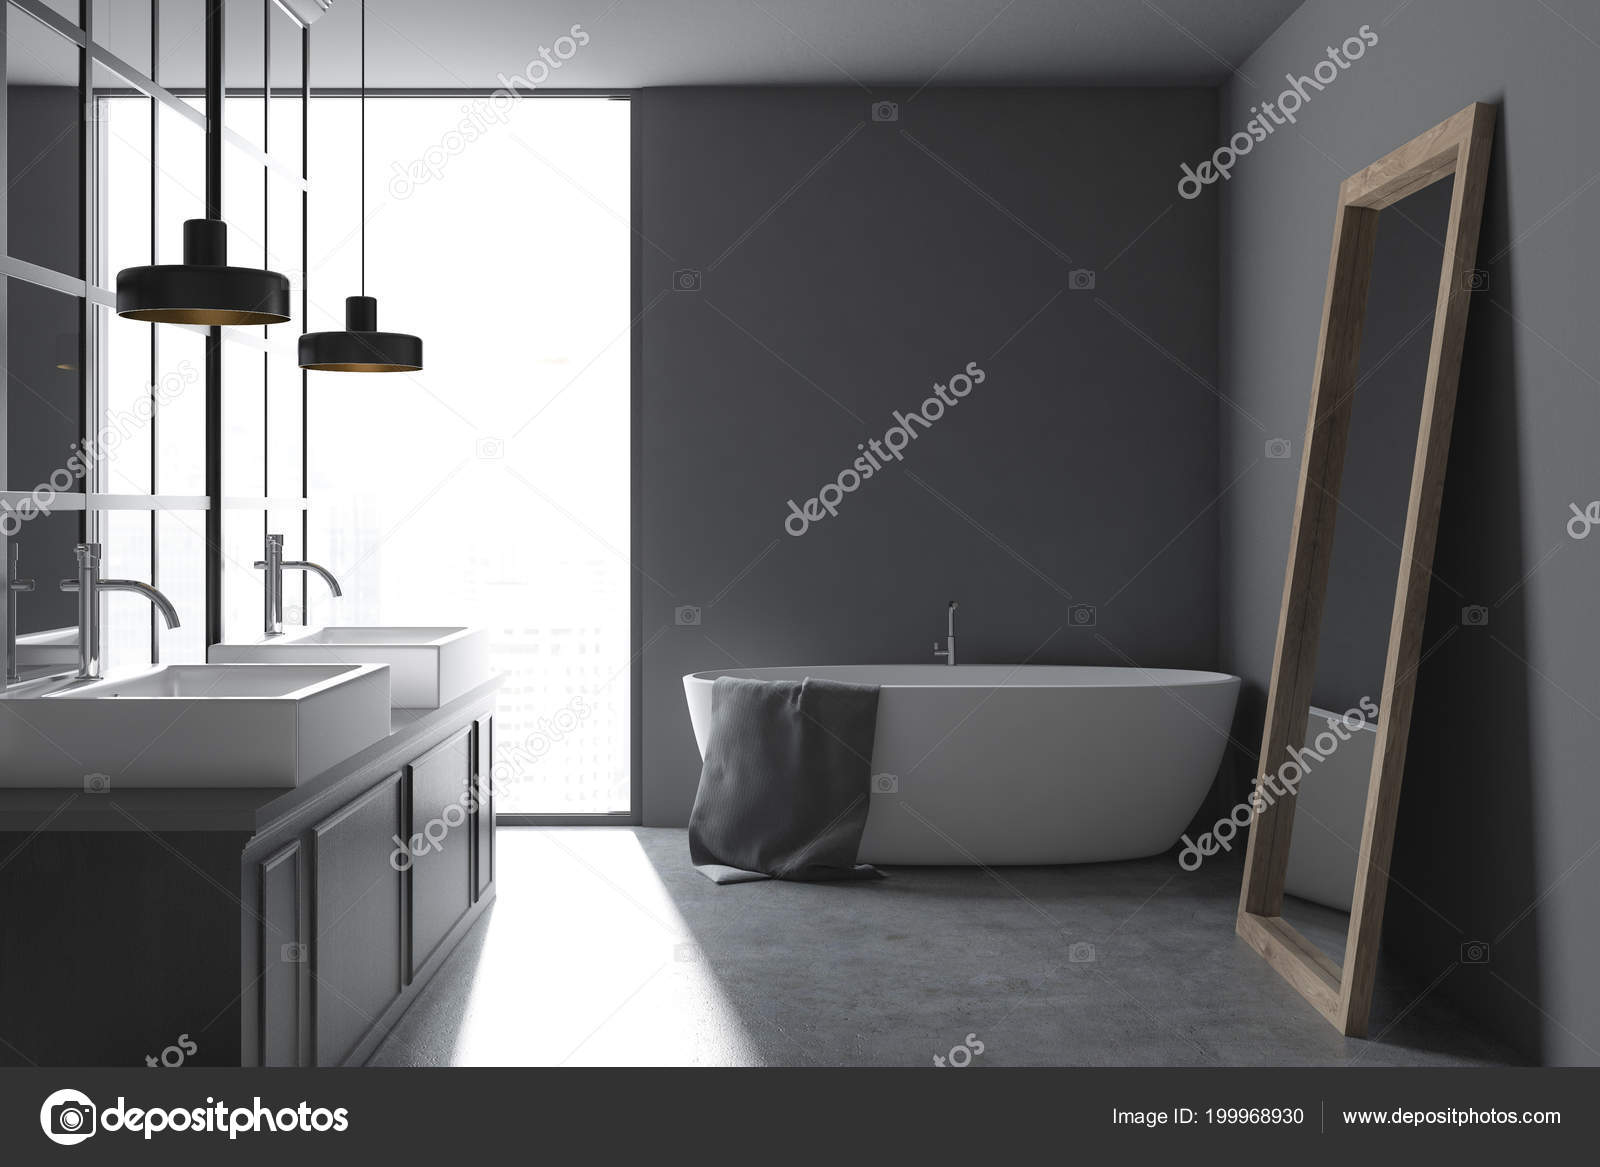 Grijze muur badkamer interieur met een metalen decoratie details